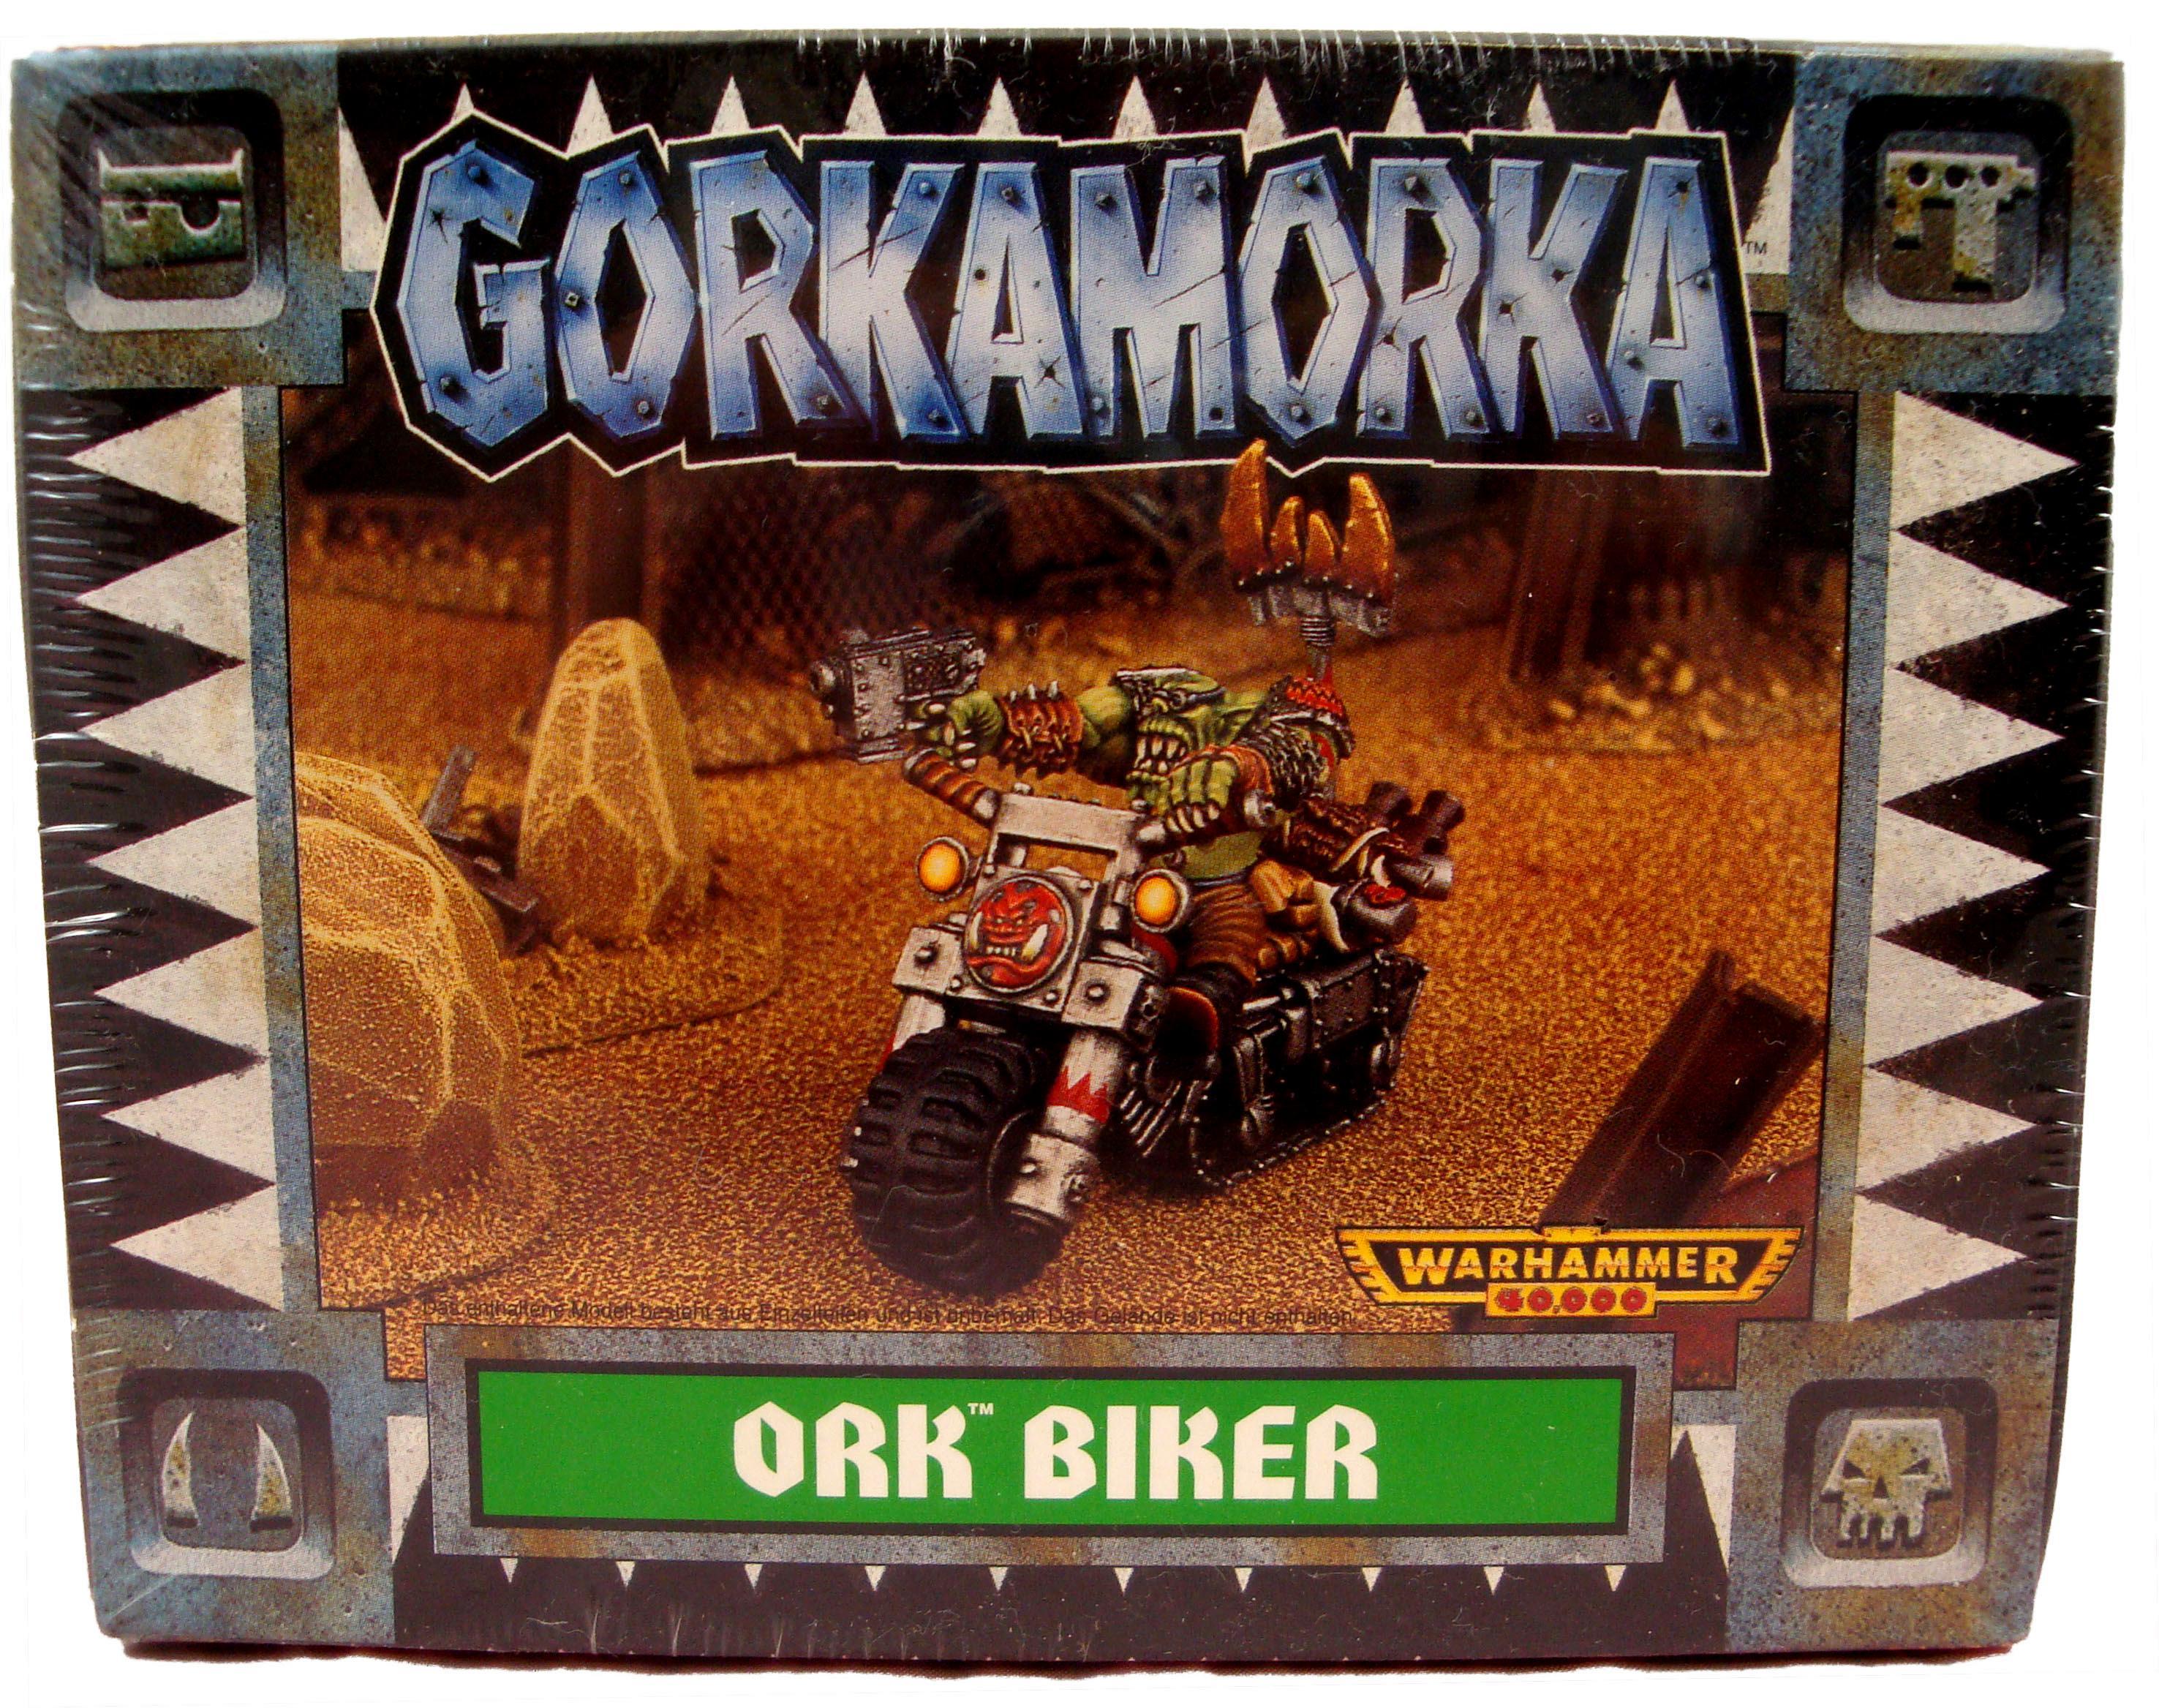 Ork Gorkamorka Ork Biker